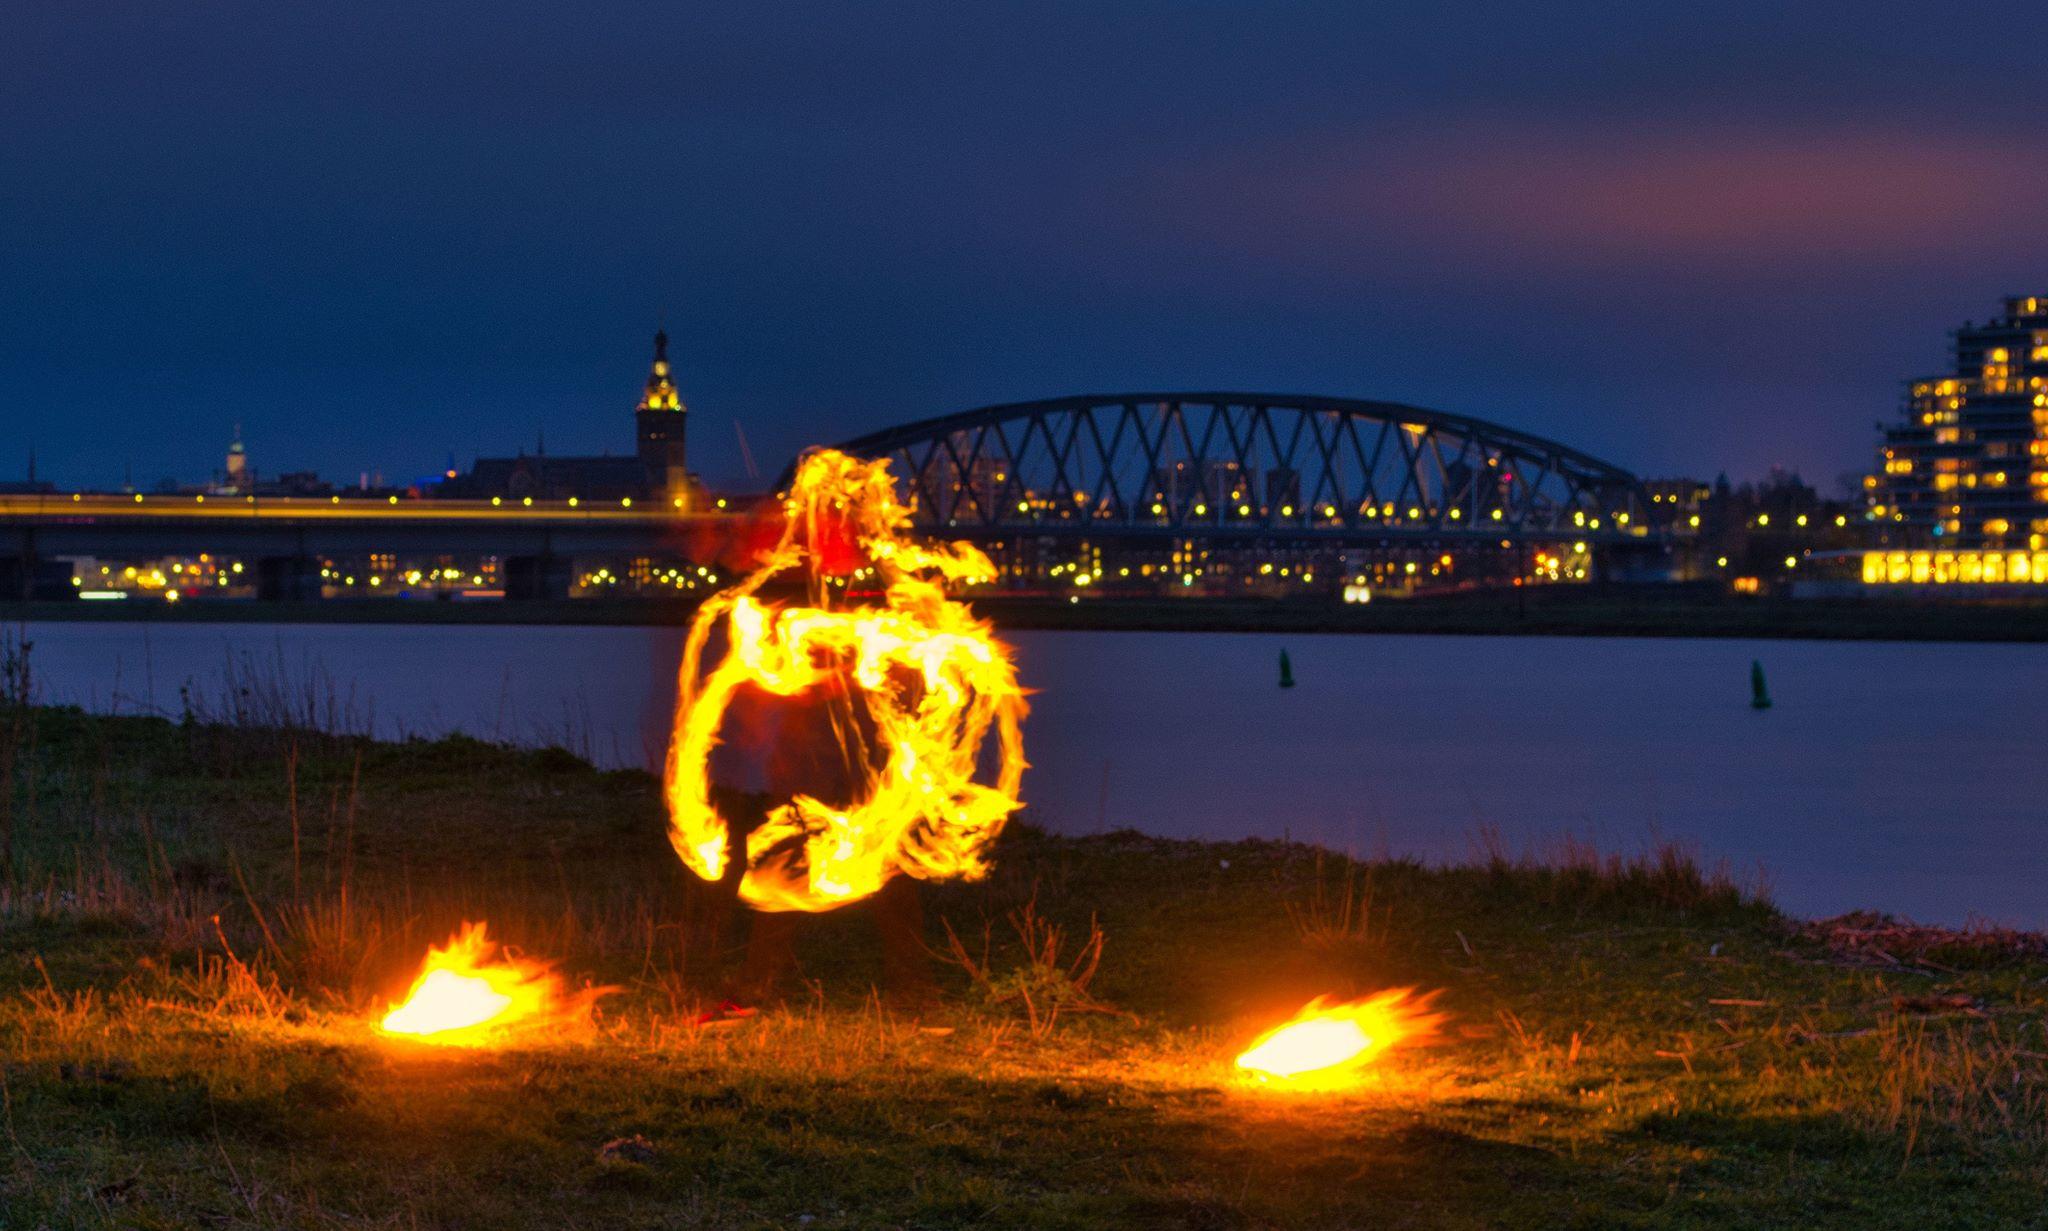 KIKO vuurshow - vuur-jongleren met fakkels aan de Waal in Nijmegen